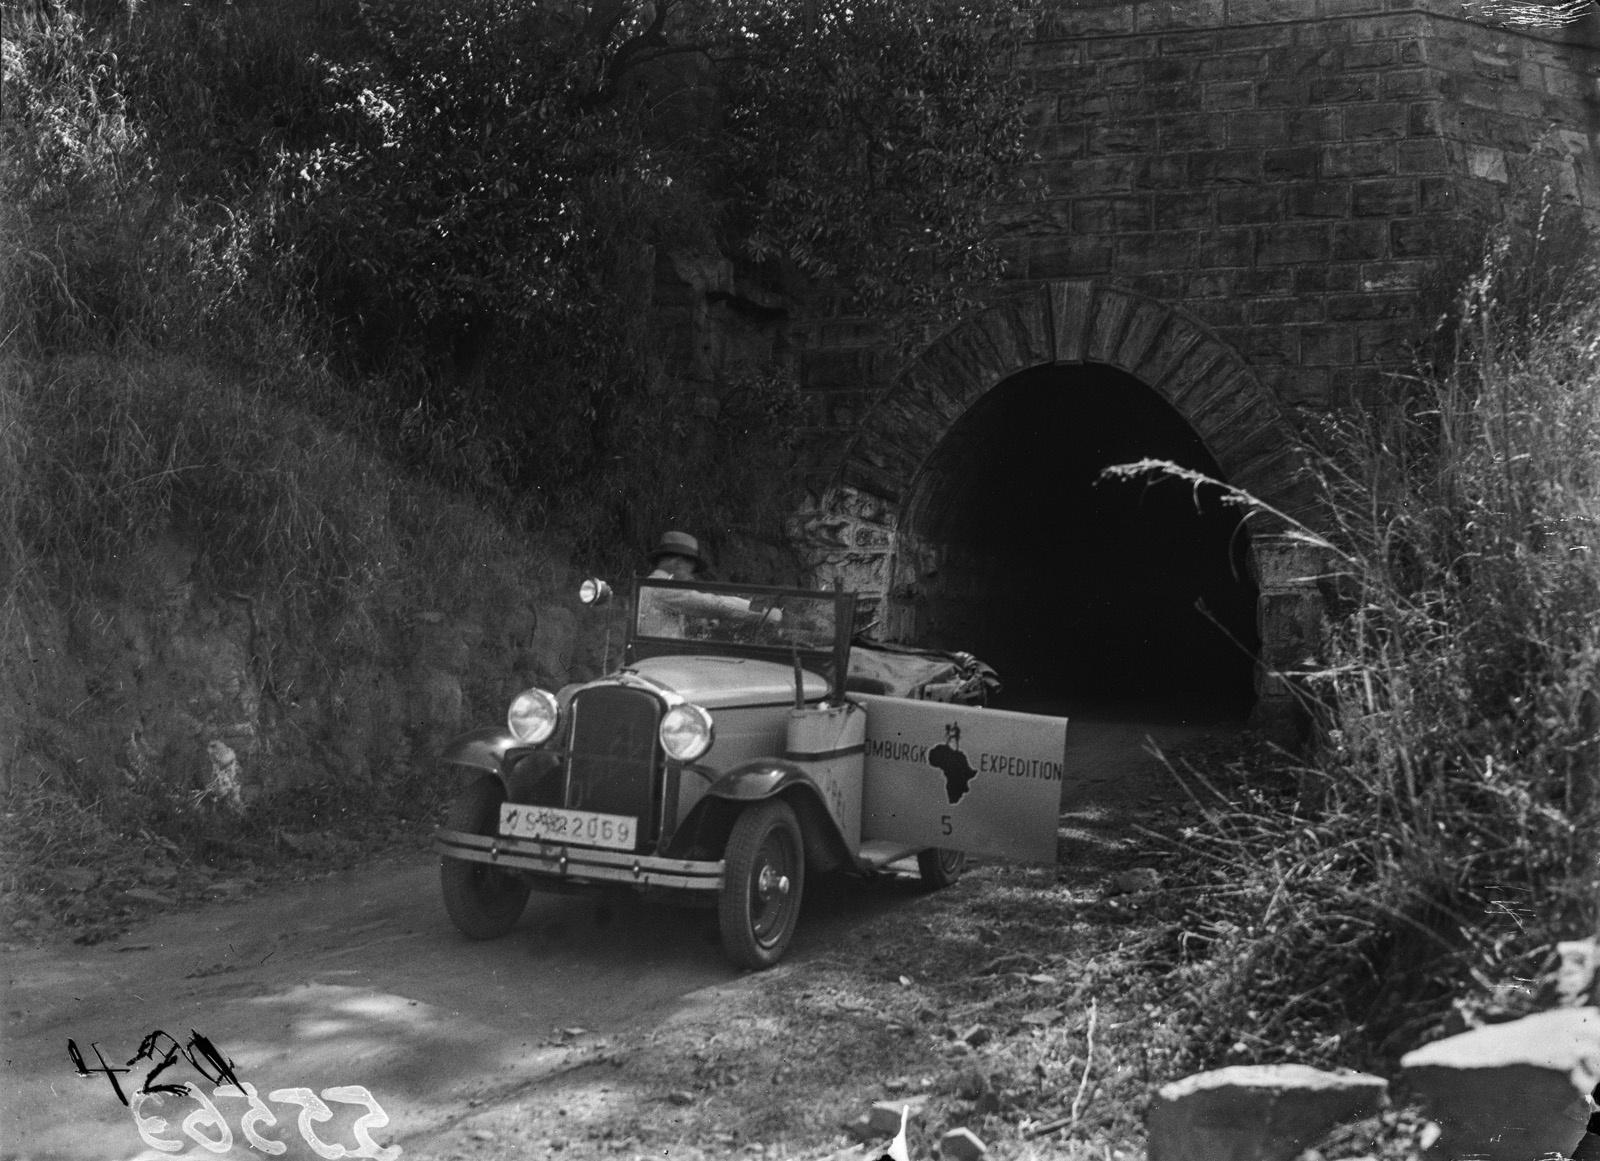 Емгвенья. Автомобиль марки Opel на выходе из туннеля